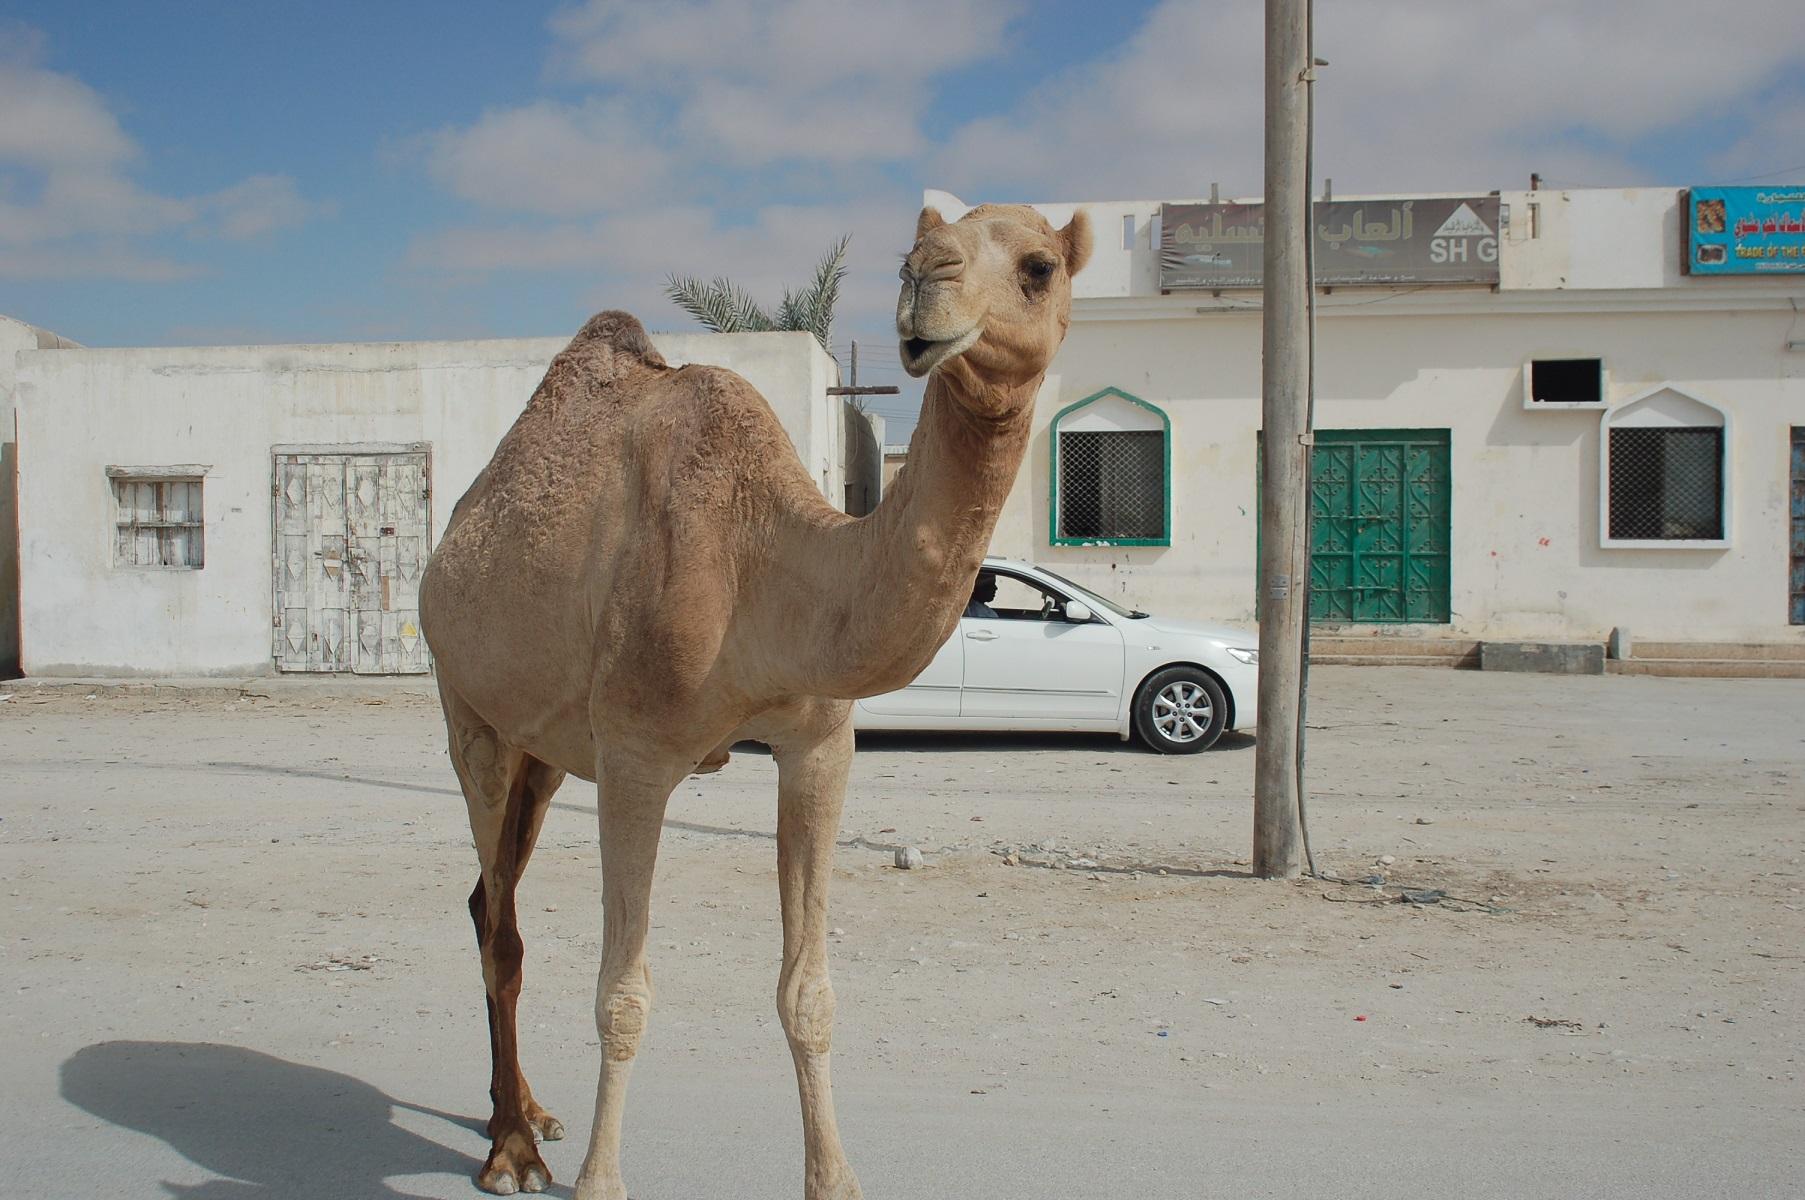 Oman - Im Oman gibt es überall wilde Kamele, die so zutraulich sind, dass sie sogar durch die Orte laufen.